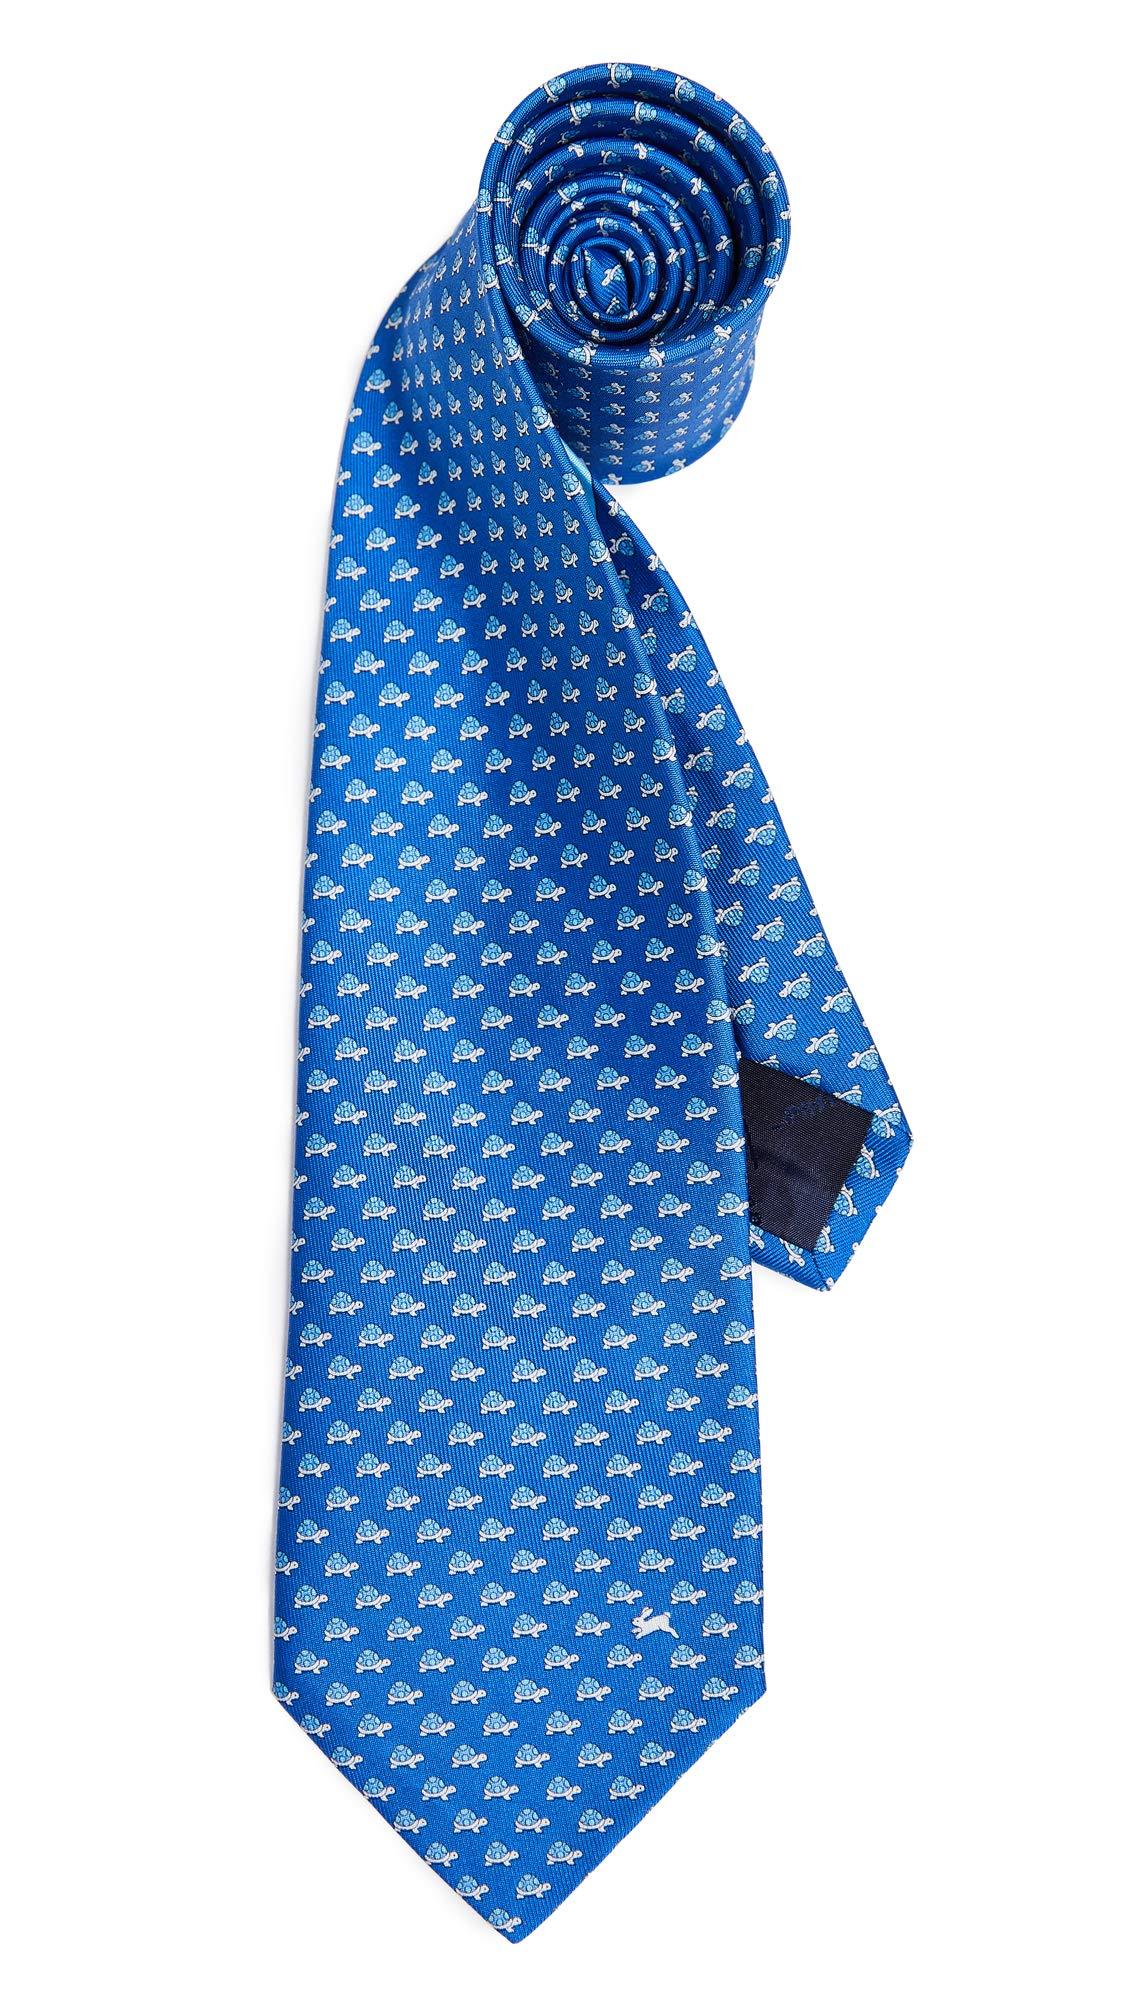 Salvatore Ferragamo Men's Turtle & Hare Tie, Blue, One Size